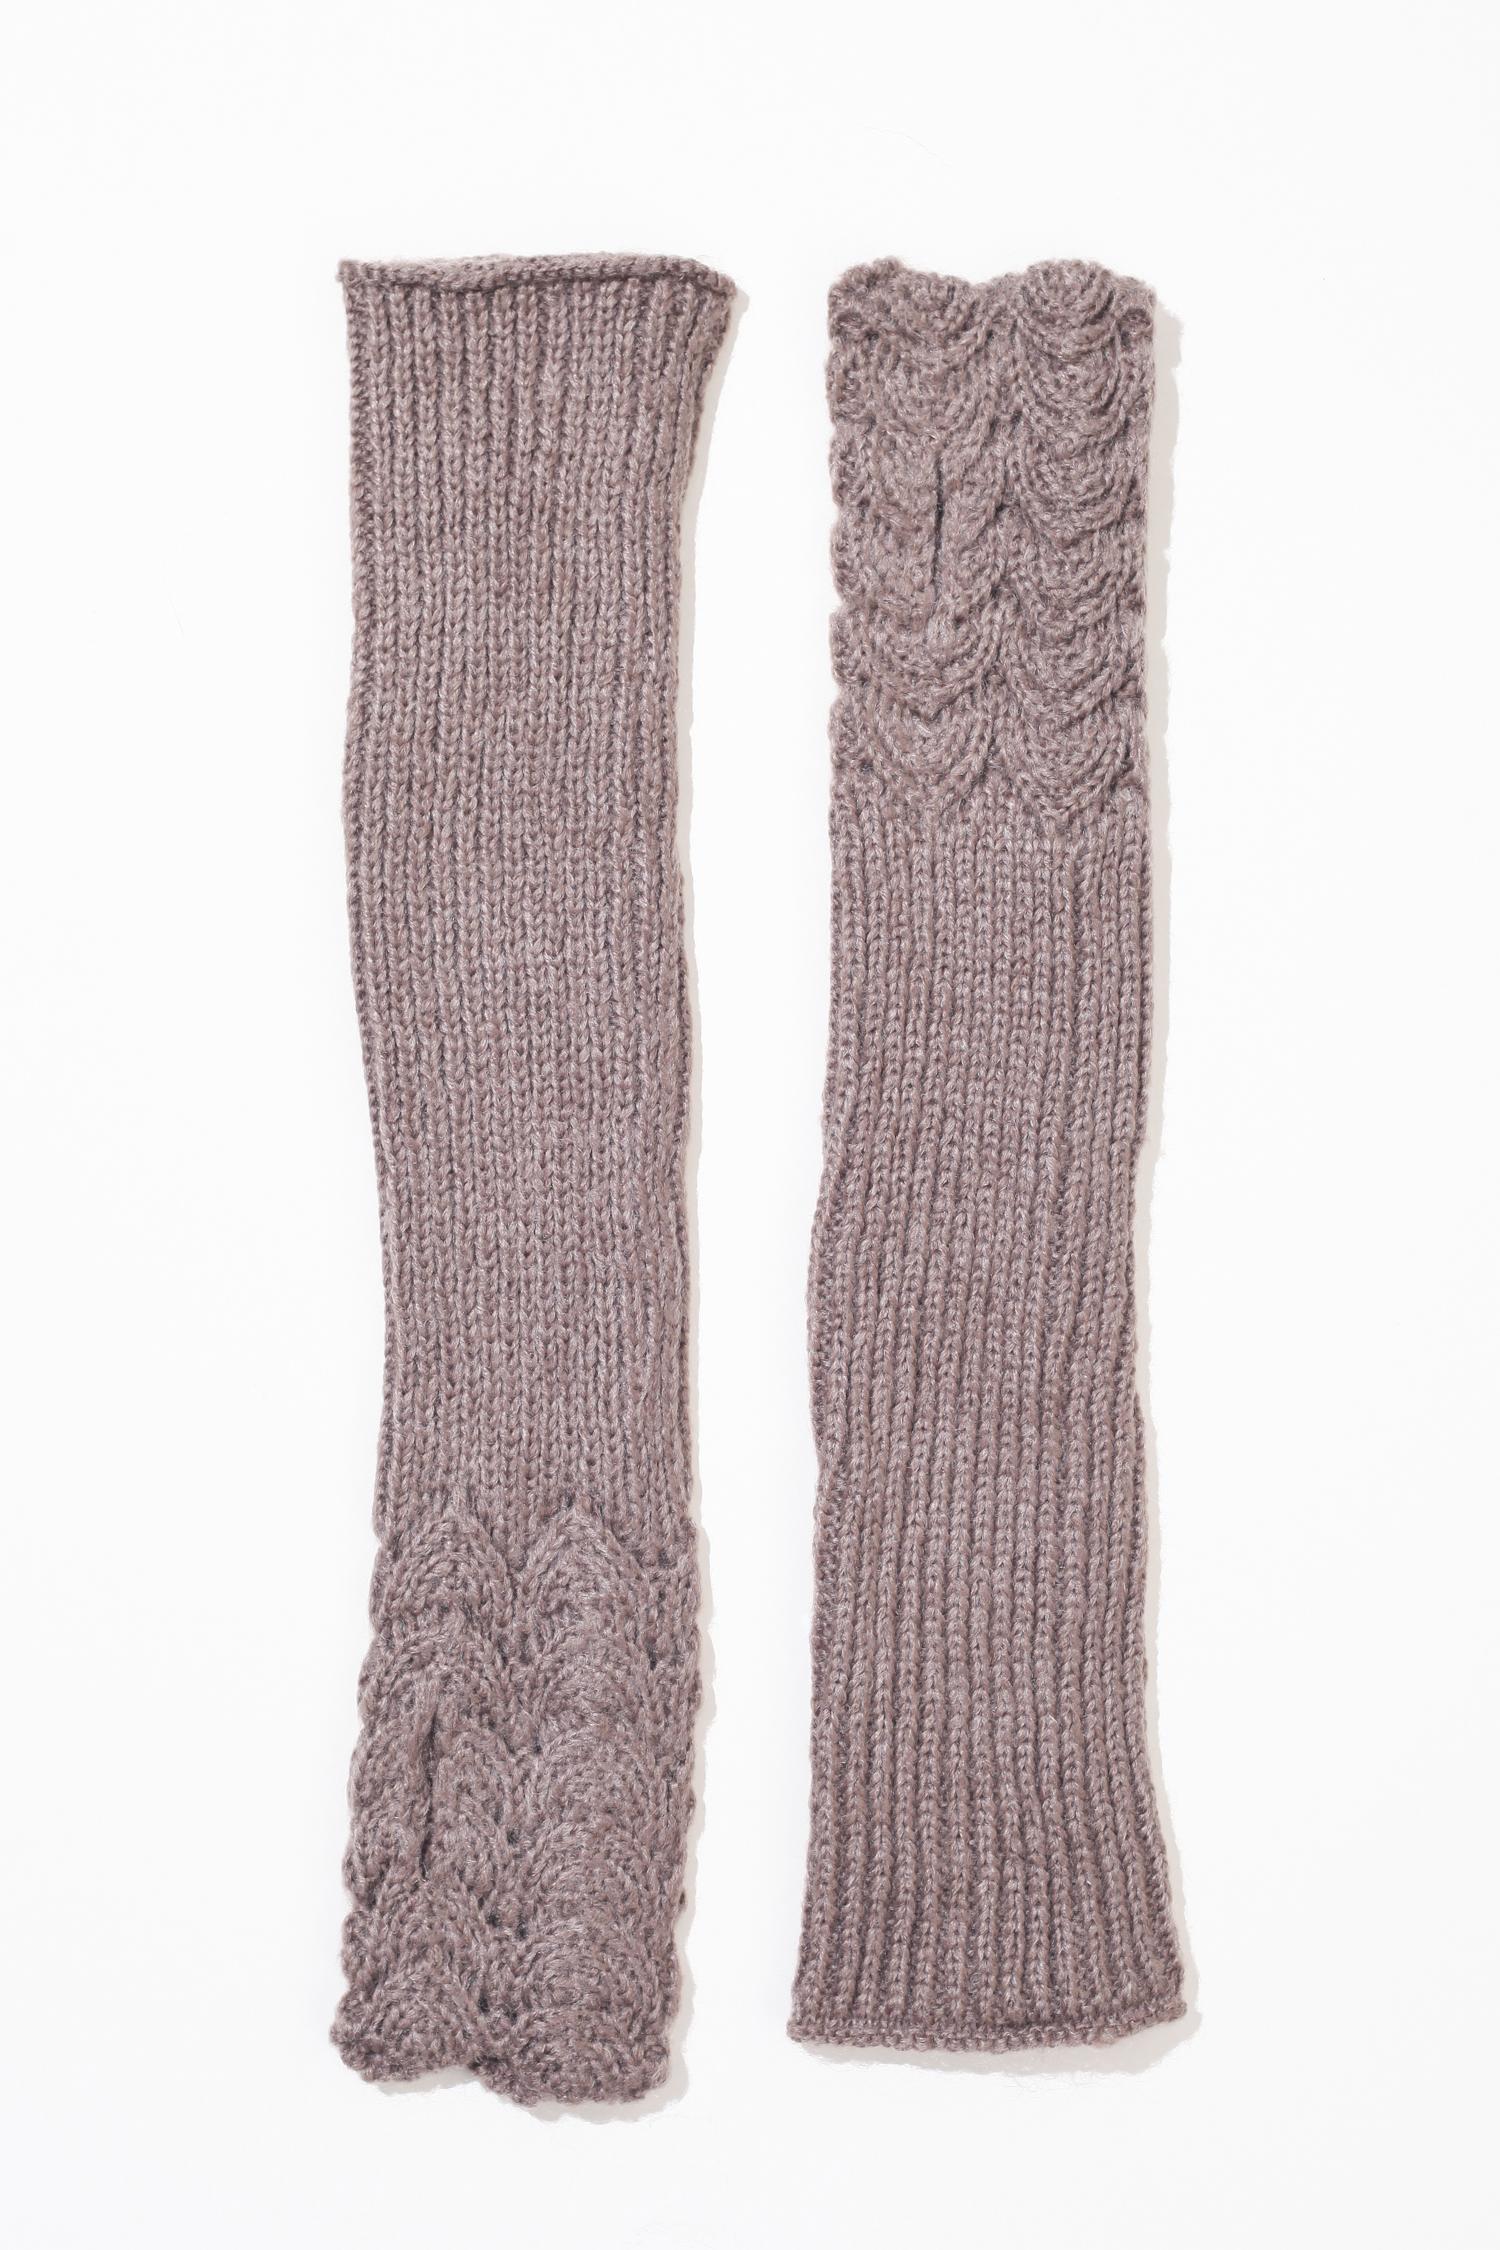 Купить Митенки женские из текстиля, МОСМЕХА, бежевый, Текстиль, 0100121